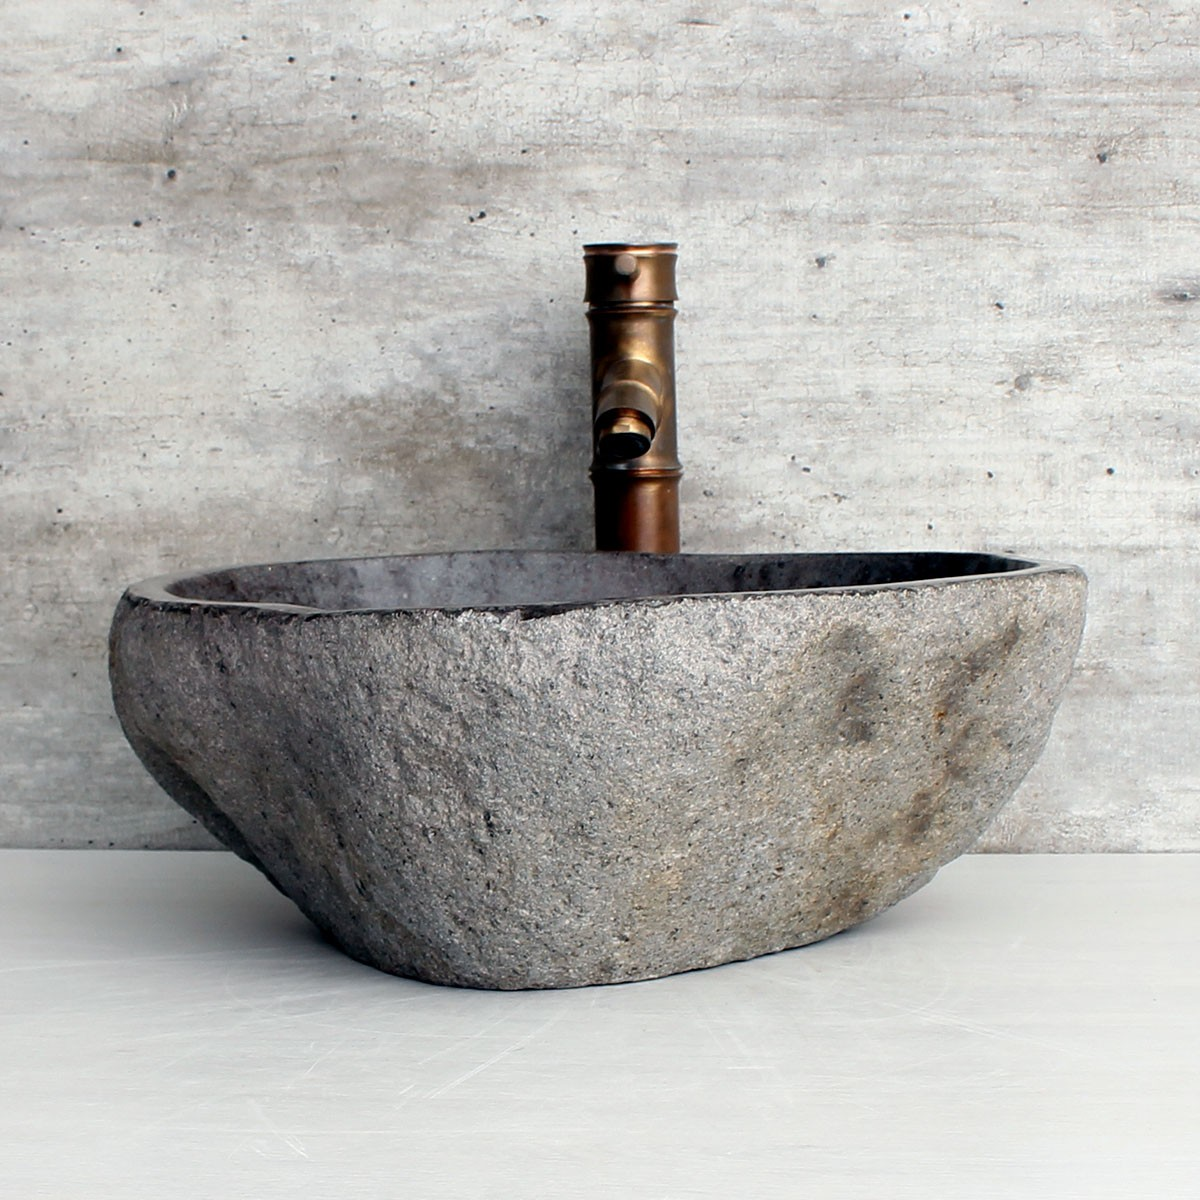 Cuba de Banheiro em Pedra Natural RM1111 42x37x15cm